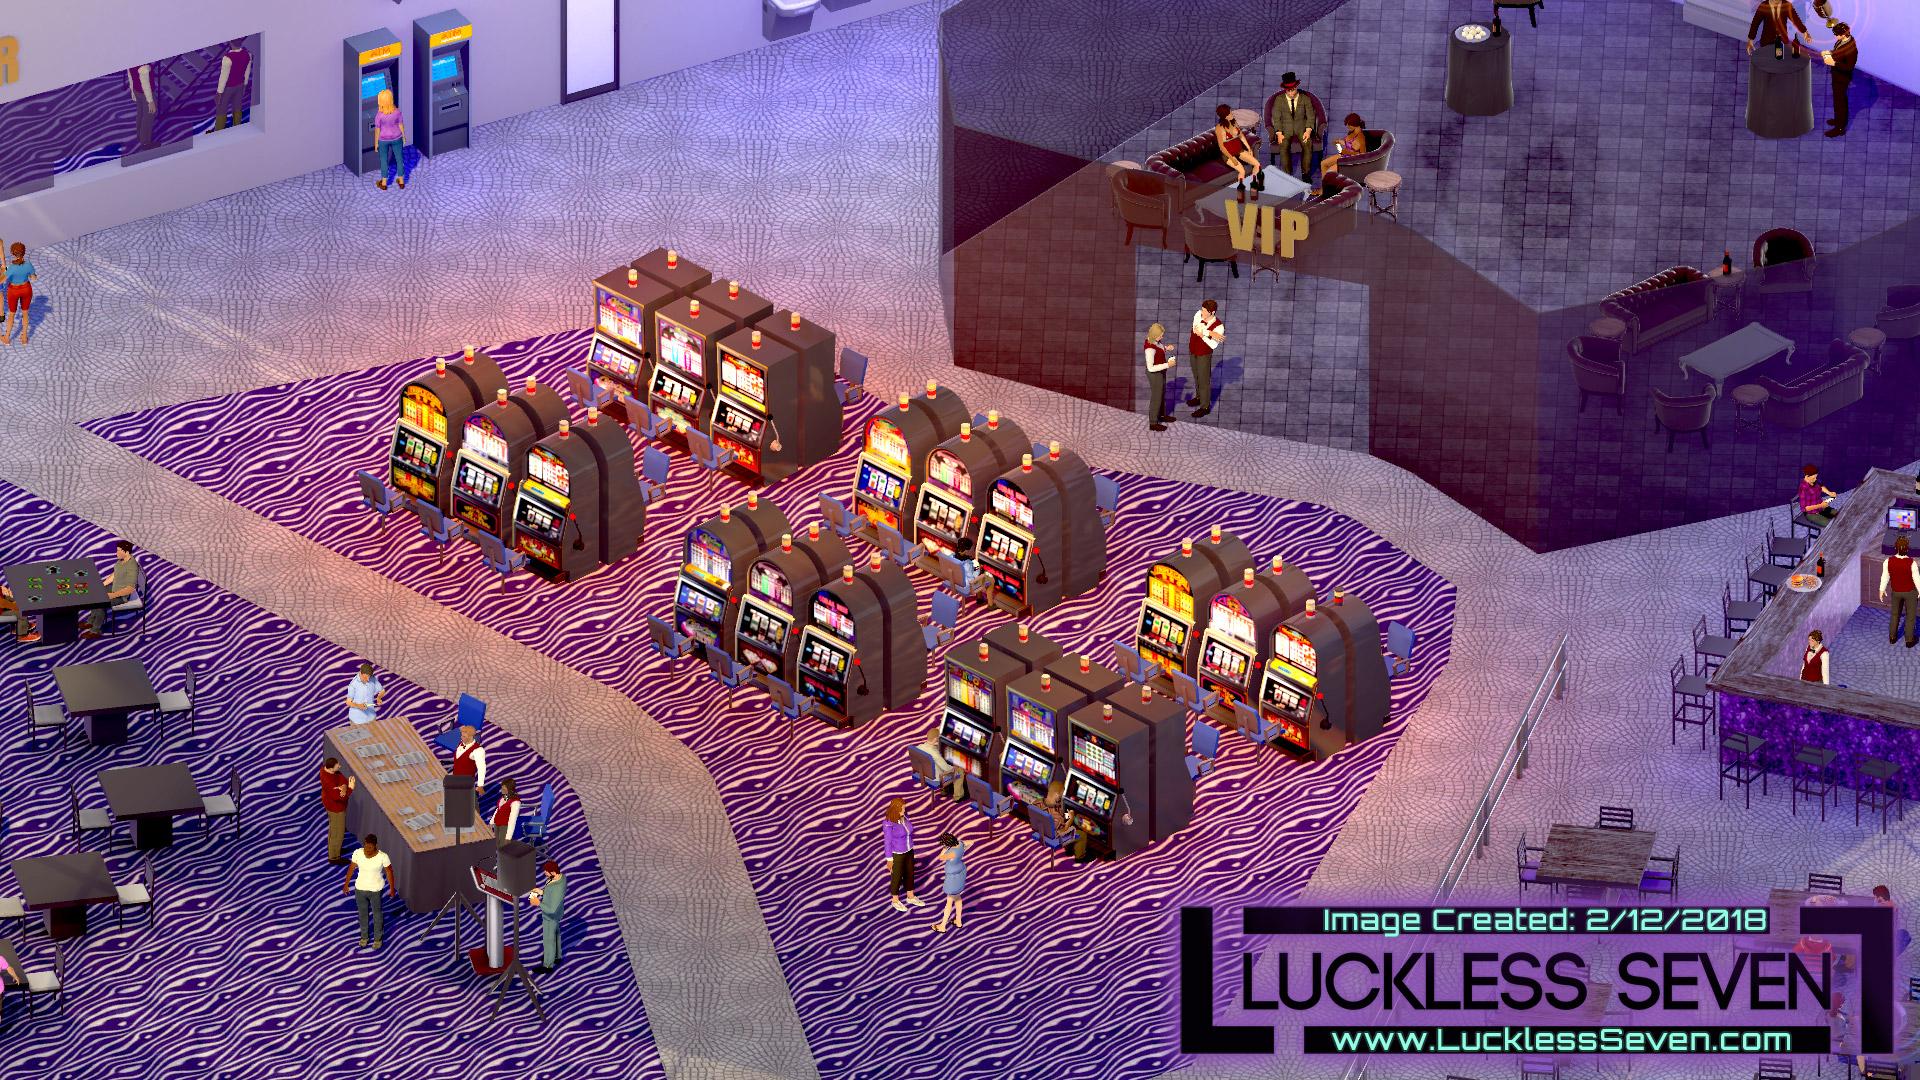 Luckless Seven Amethyst Casino I 5